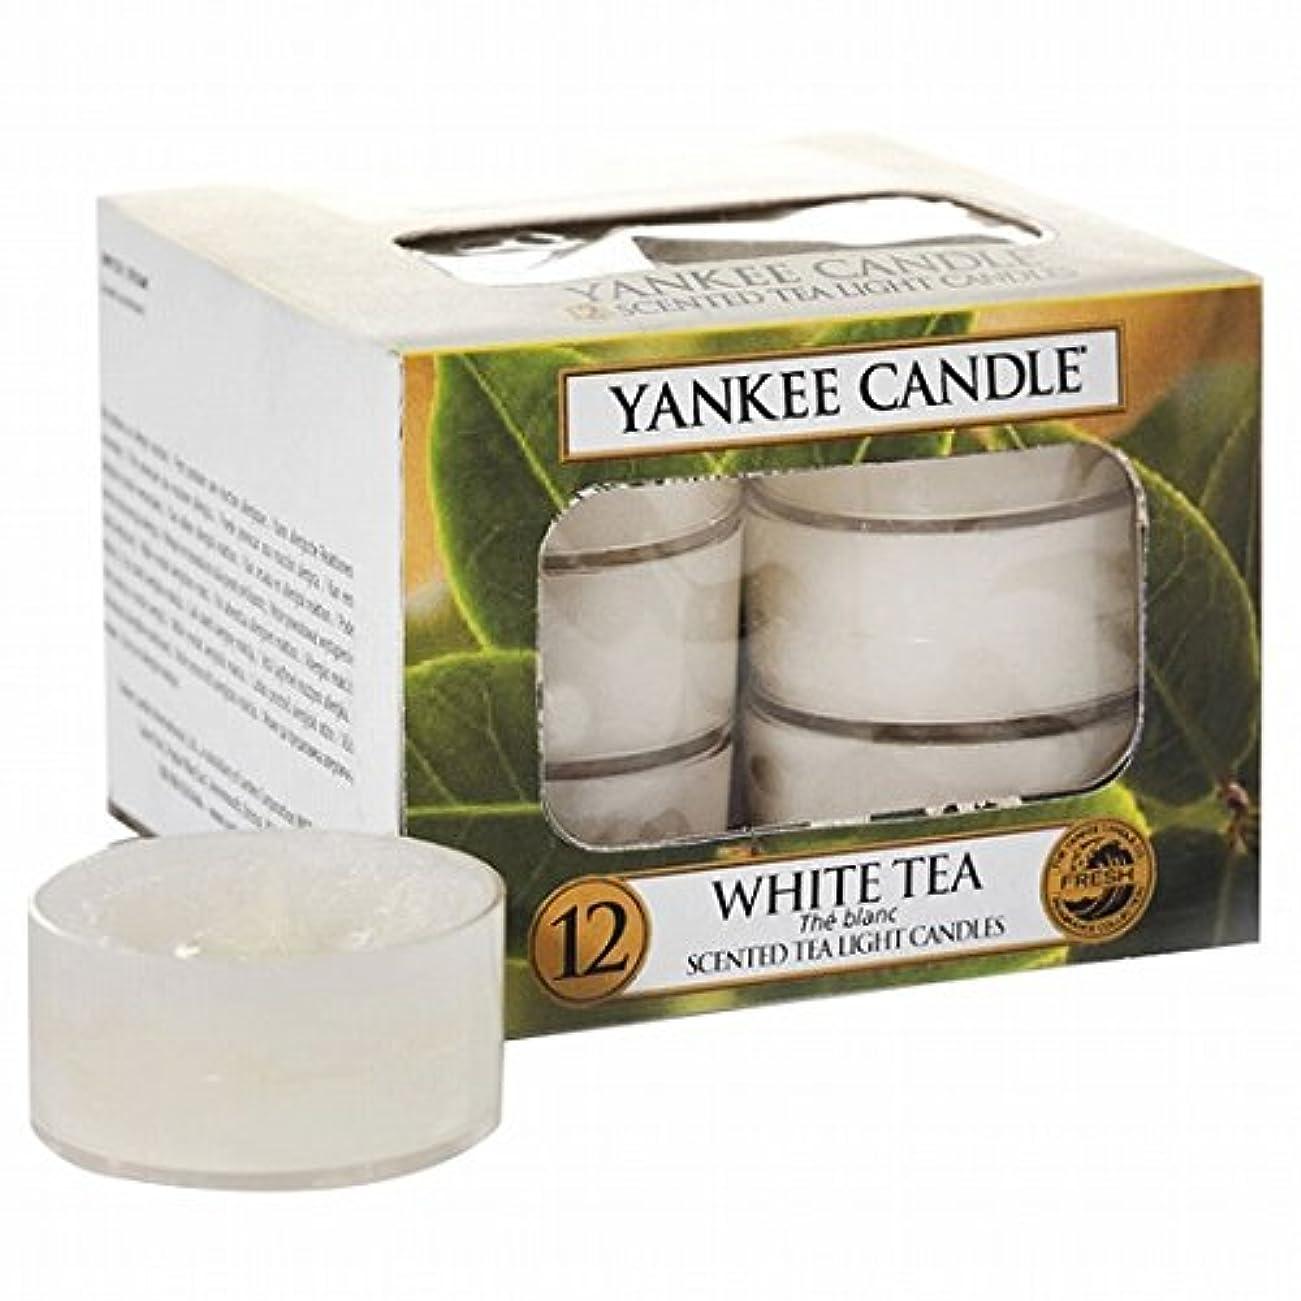 貨物豪華な音声学YANKEE CANDLE(ヤンキーキャンドル) YANKEE CANDLE クリアカップティーライト12個入り 「ホワイトティー」(K00505277)